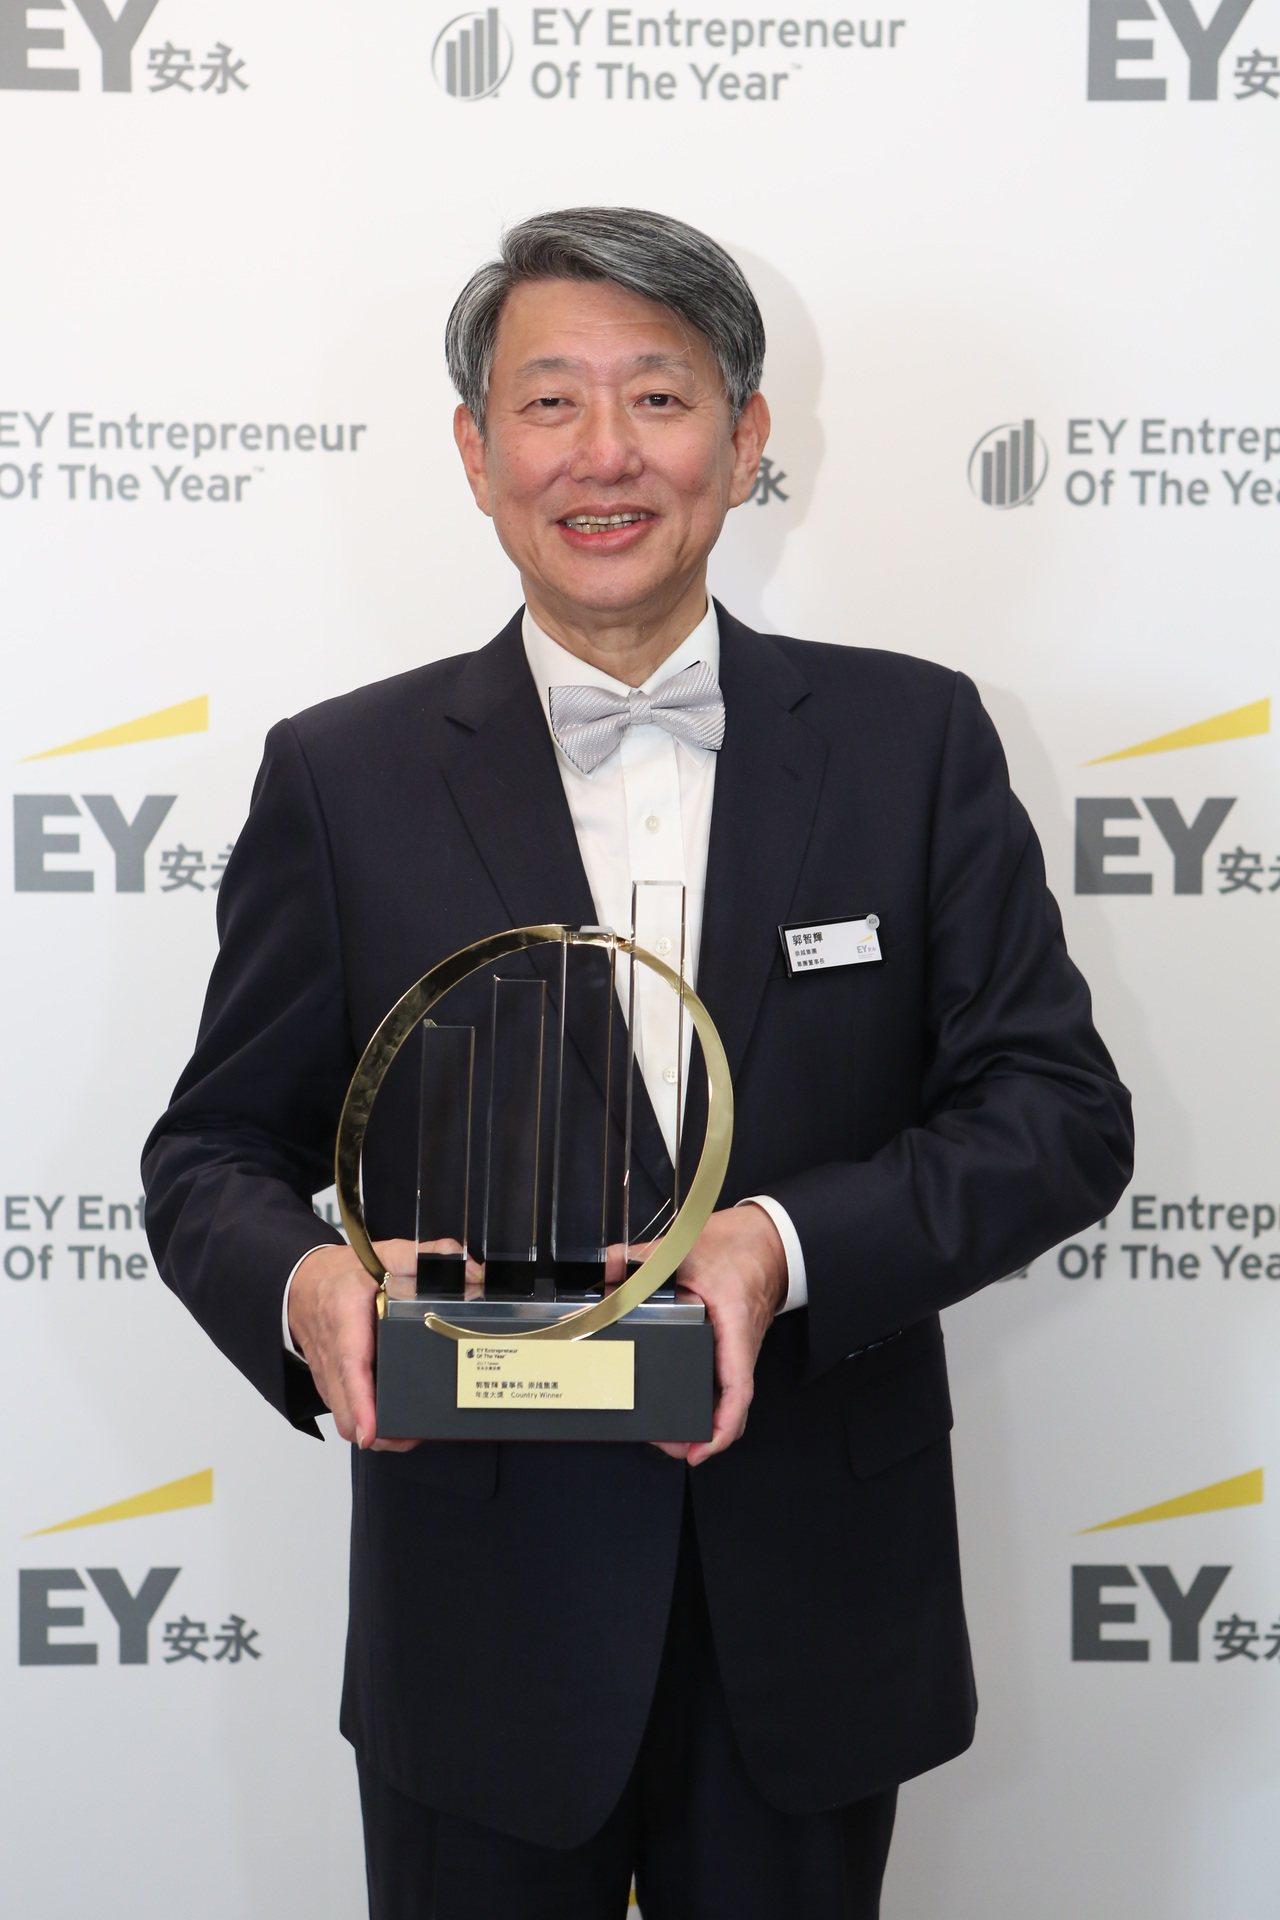 2017安永企業家獎年度大獎得主崇越集團董事長郭智輝